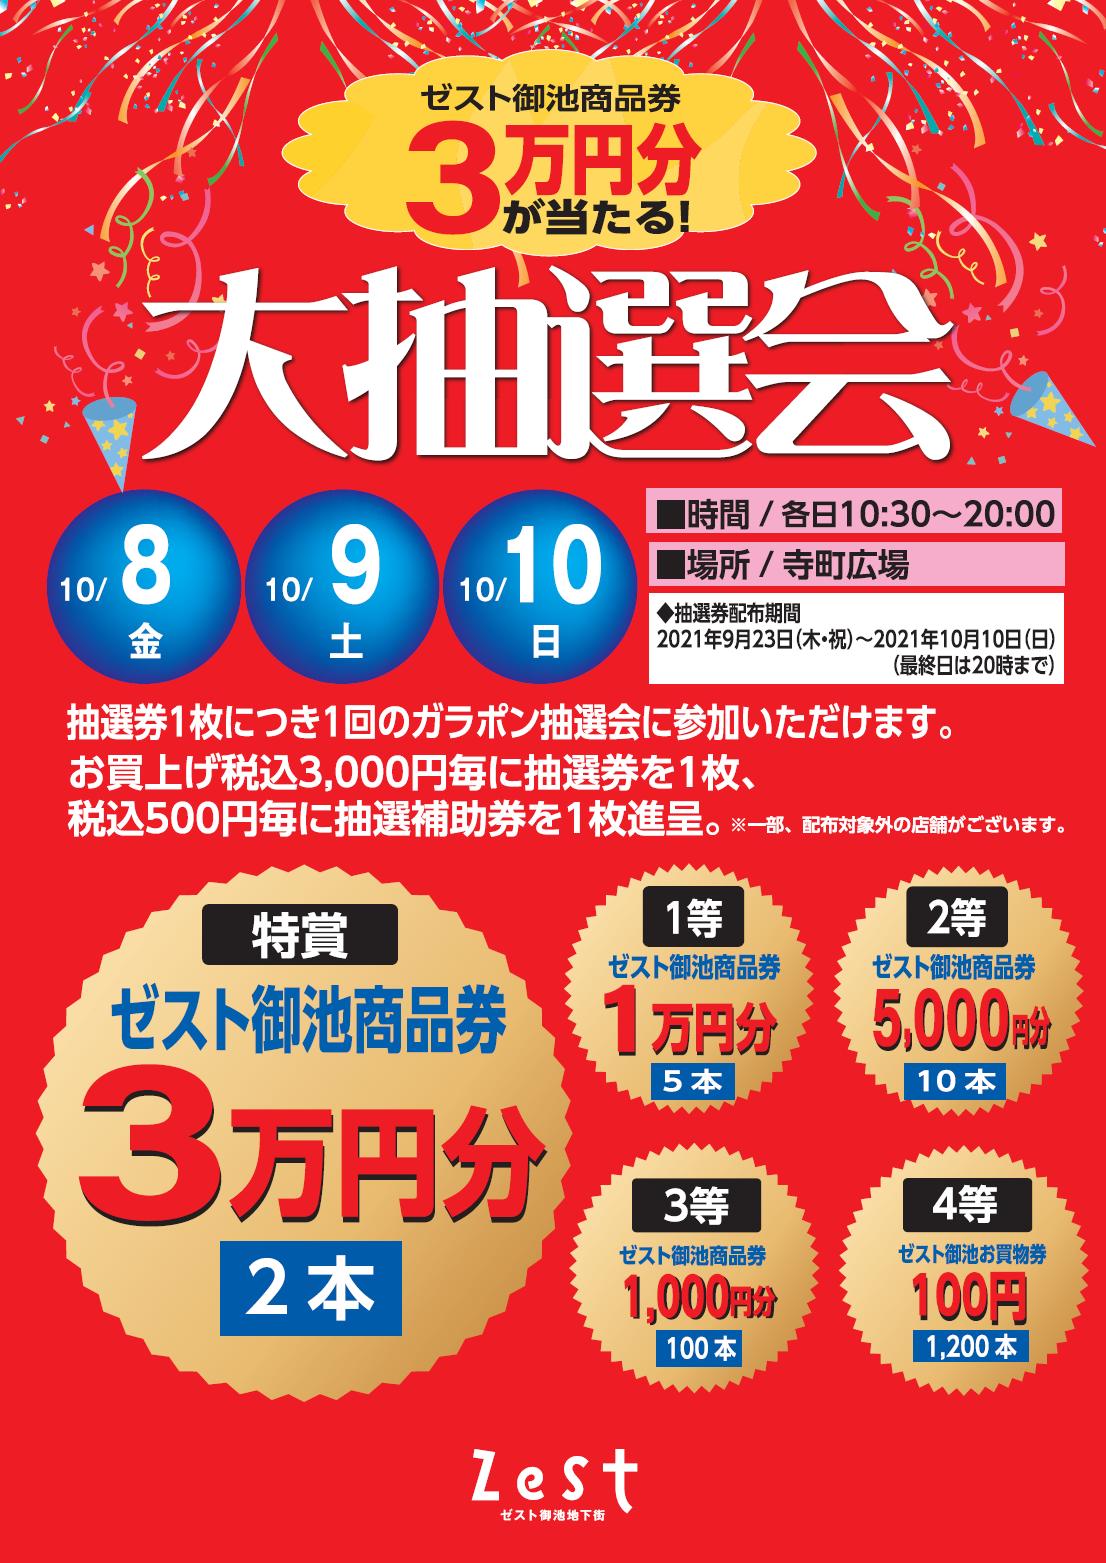 特賞は3万円分ゼスト商品券!「大抽選会」を開催します。